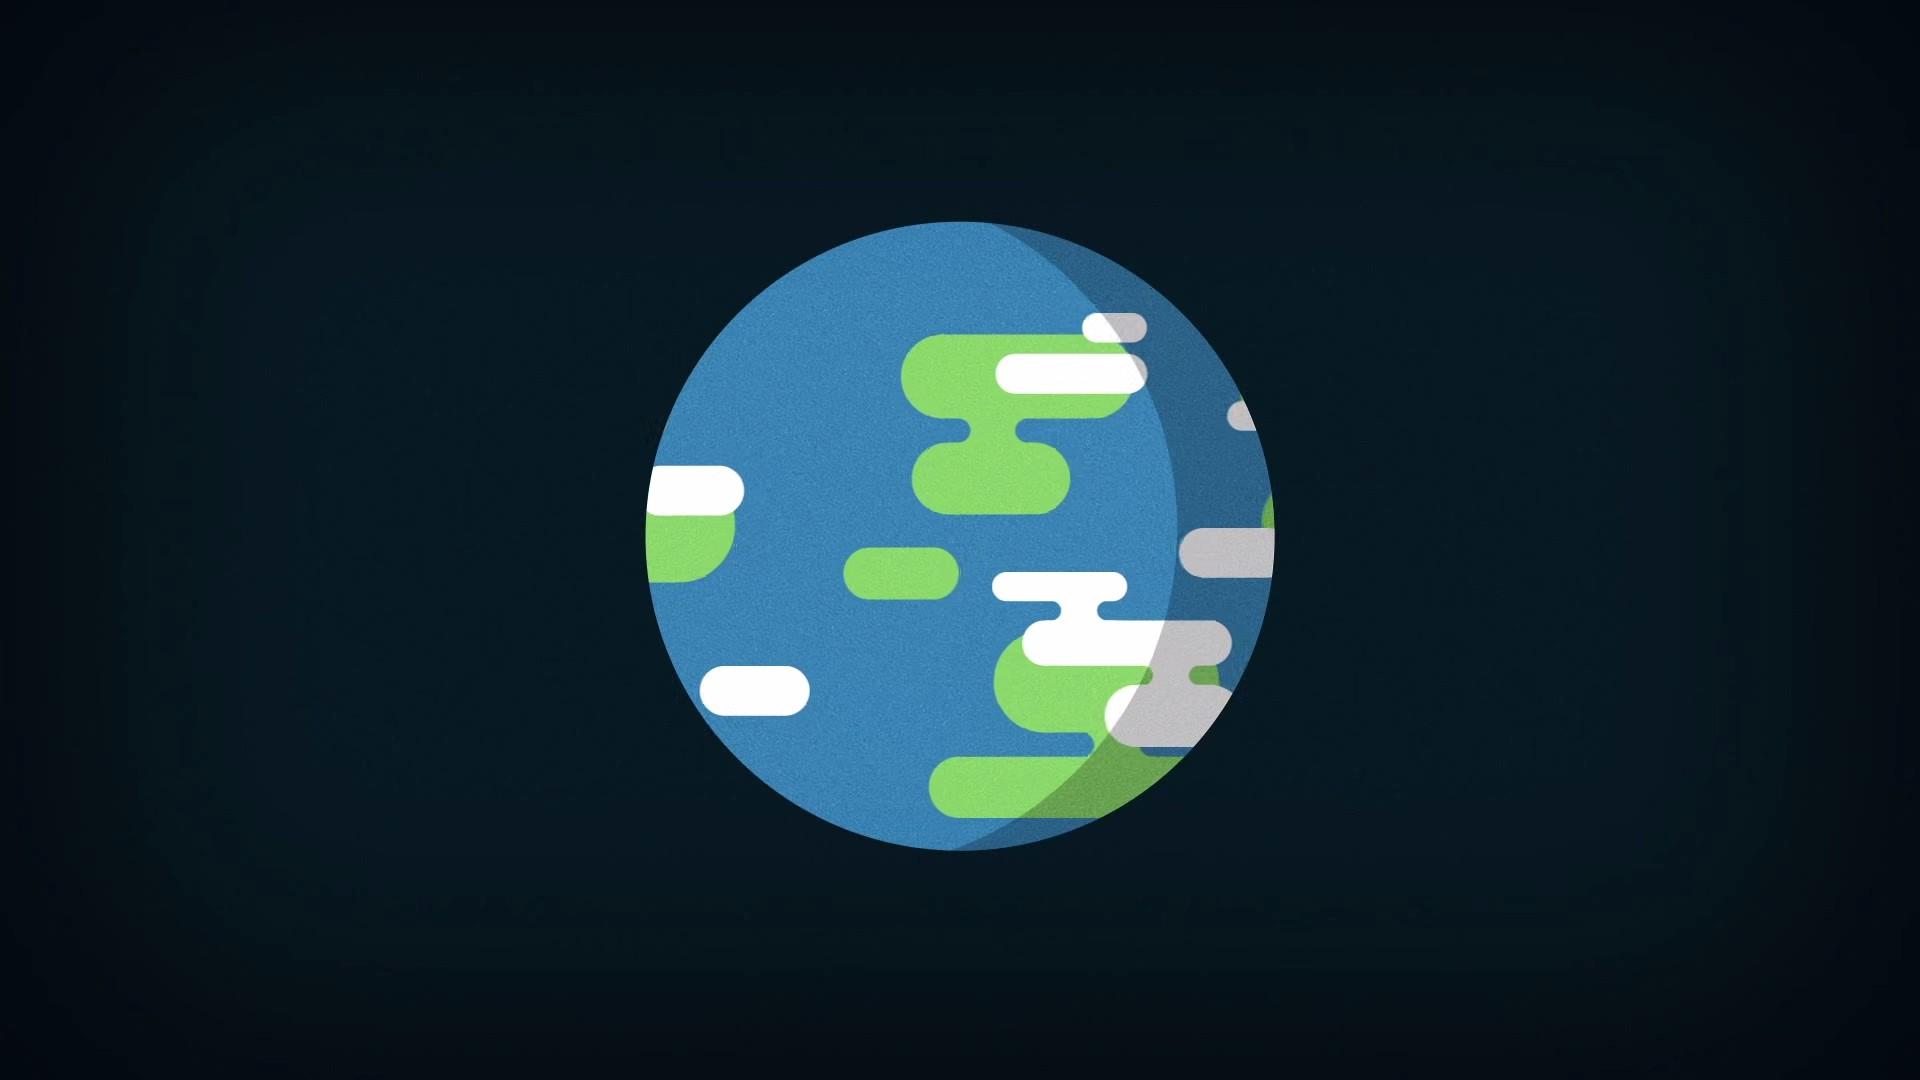 Wallpaper 1920x1080 Px Earth Kurzgesagt Minimalism